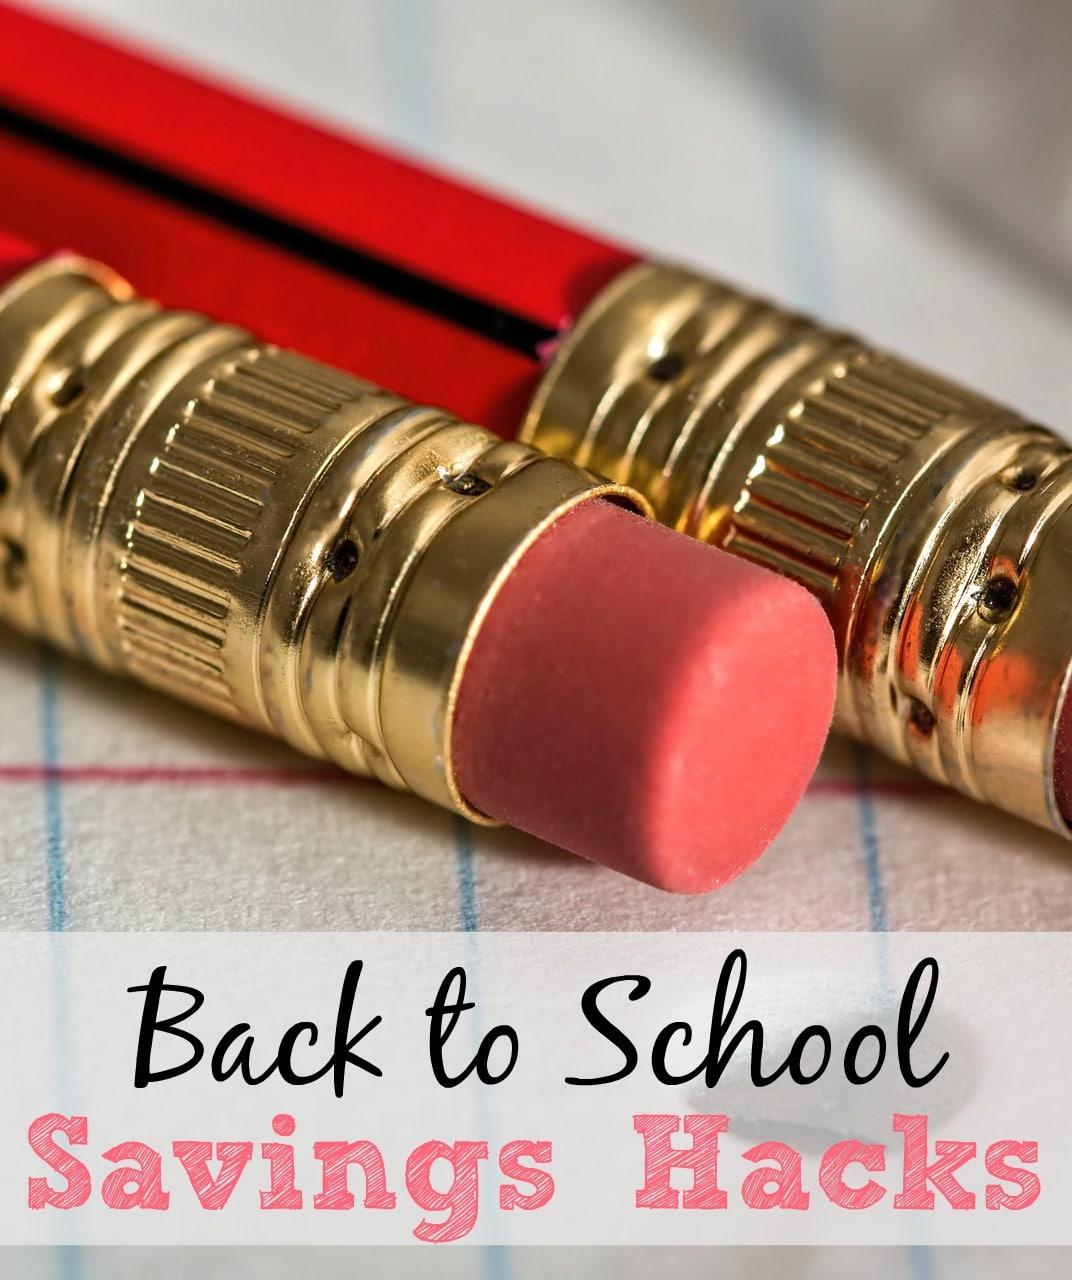 back to school savings hacks